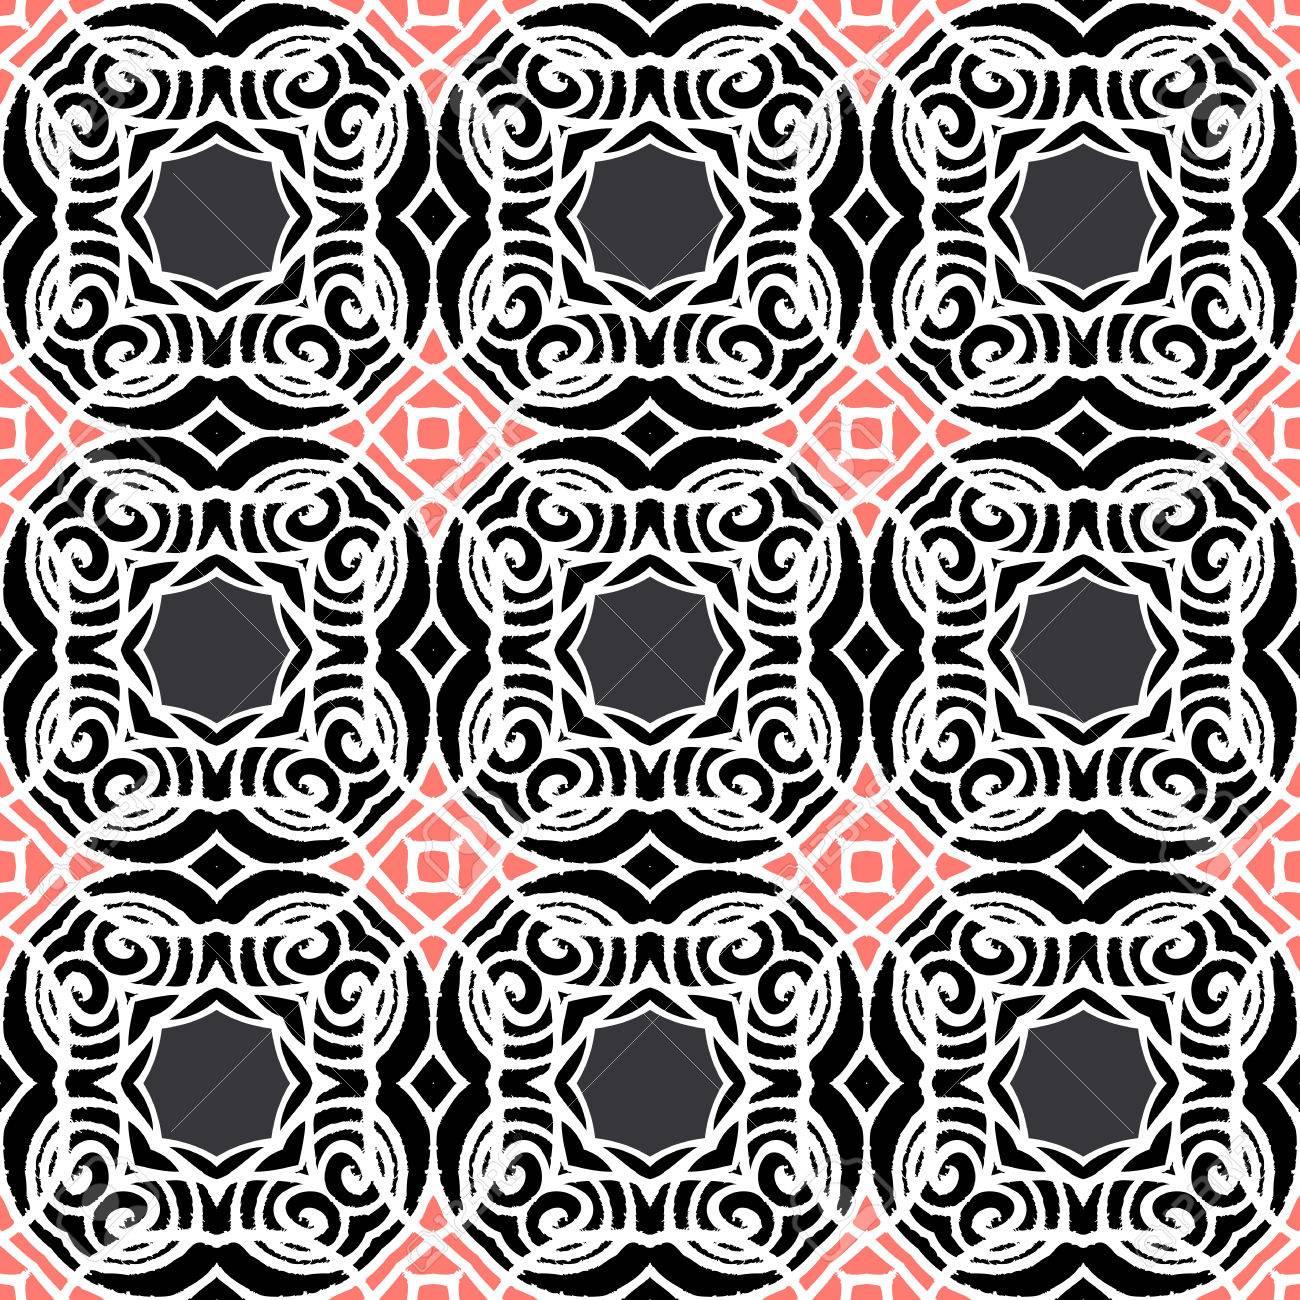 Vintage Art Deco Modele Vectoriel En Noir Blanc Et Rose Texture